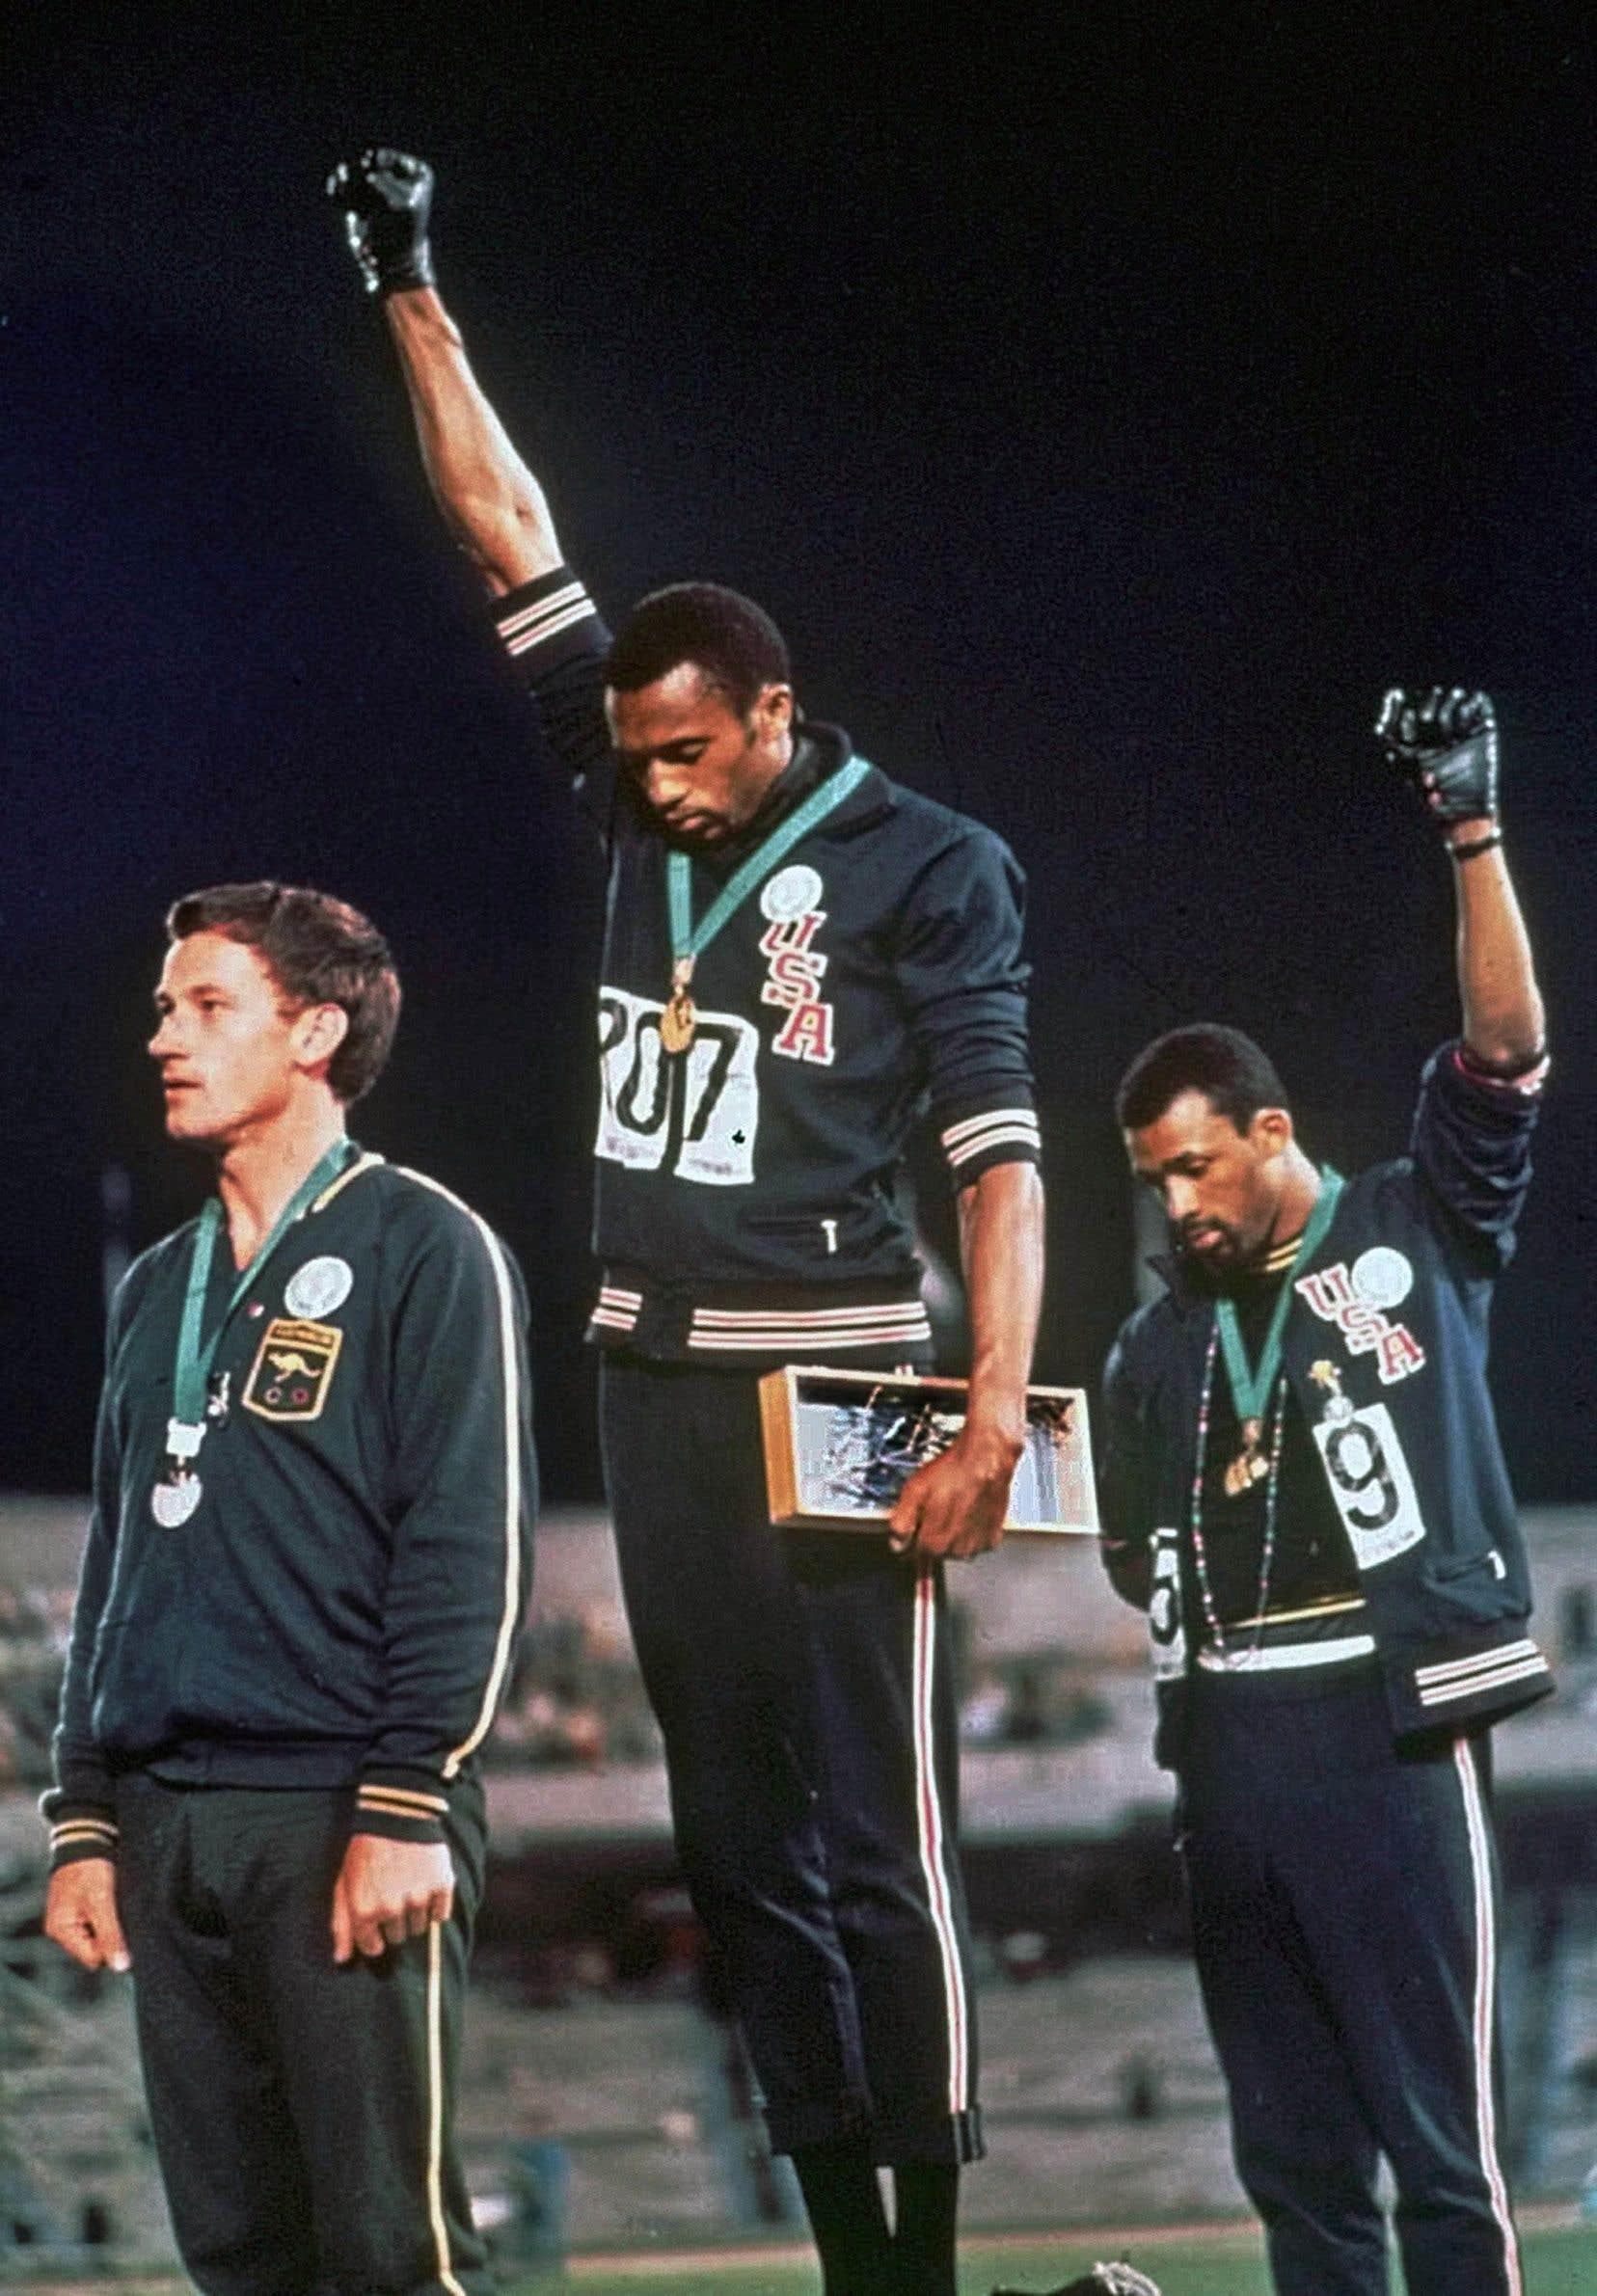 Les poings gantés de noir de Tommie Smith (au centre) et de John Carlos (à droite) levés vers le ciel de Mexico, leurs têtes baissées, onttotalement redéfini le concept de militantisme dans le sport.